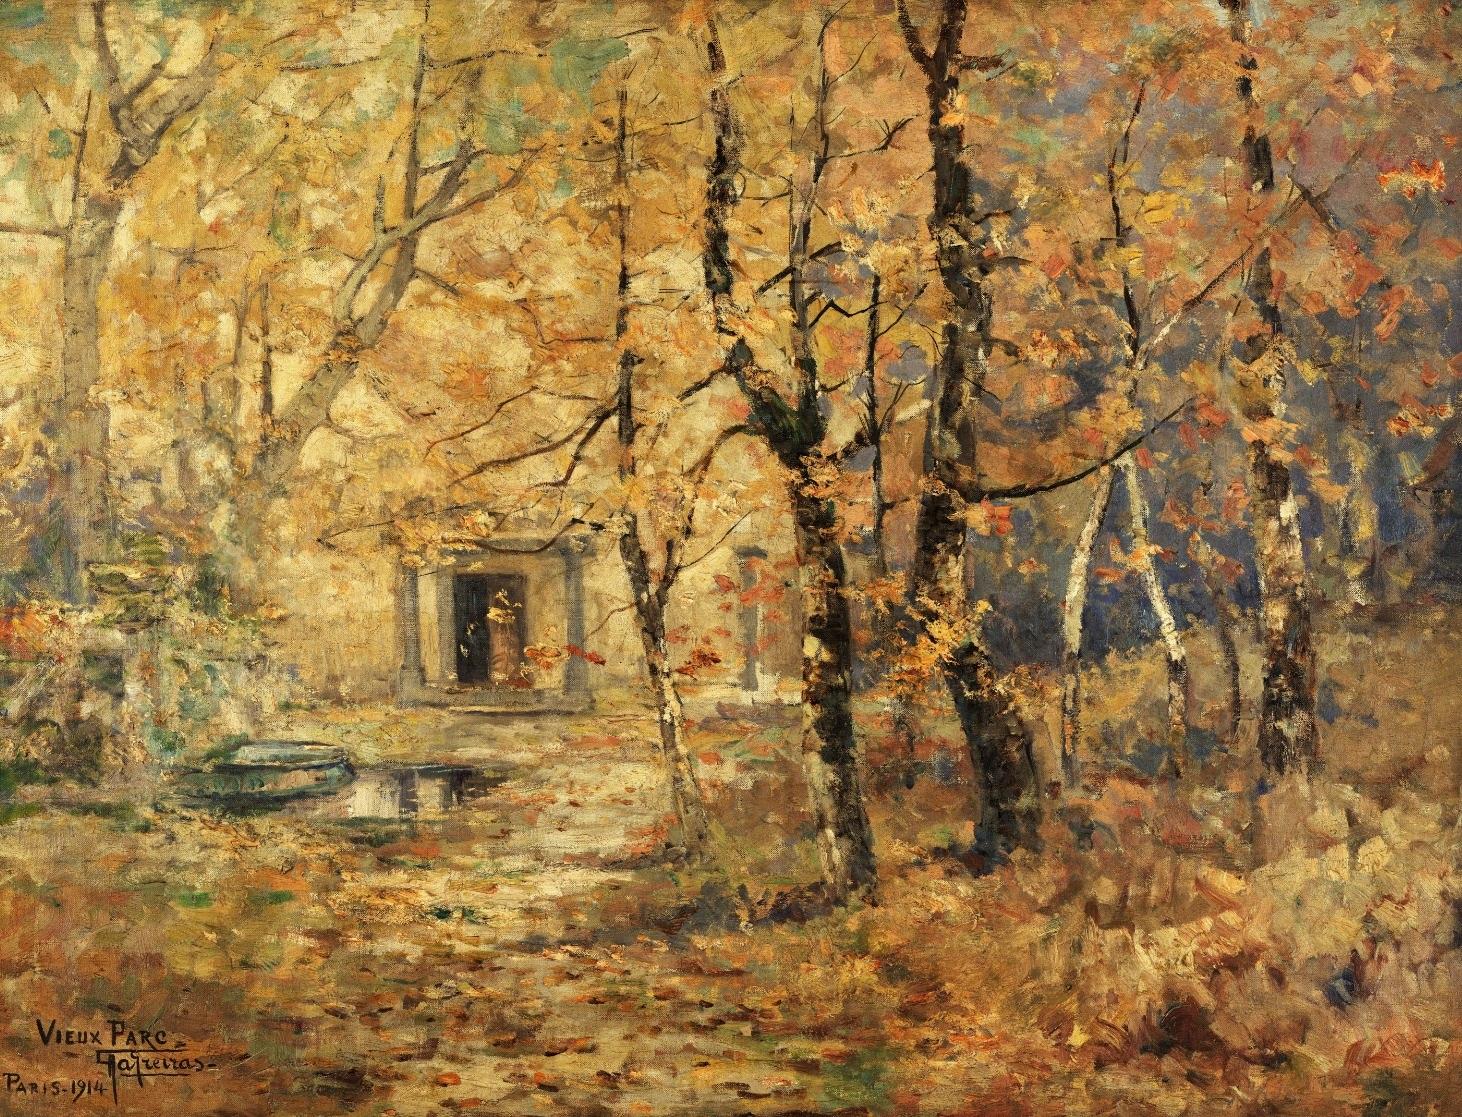 File:Antônio Parreiras - Vieux Parc, Paris, 1914.jpg